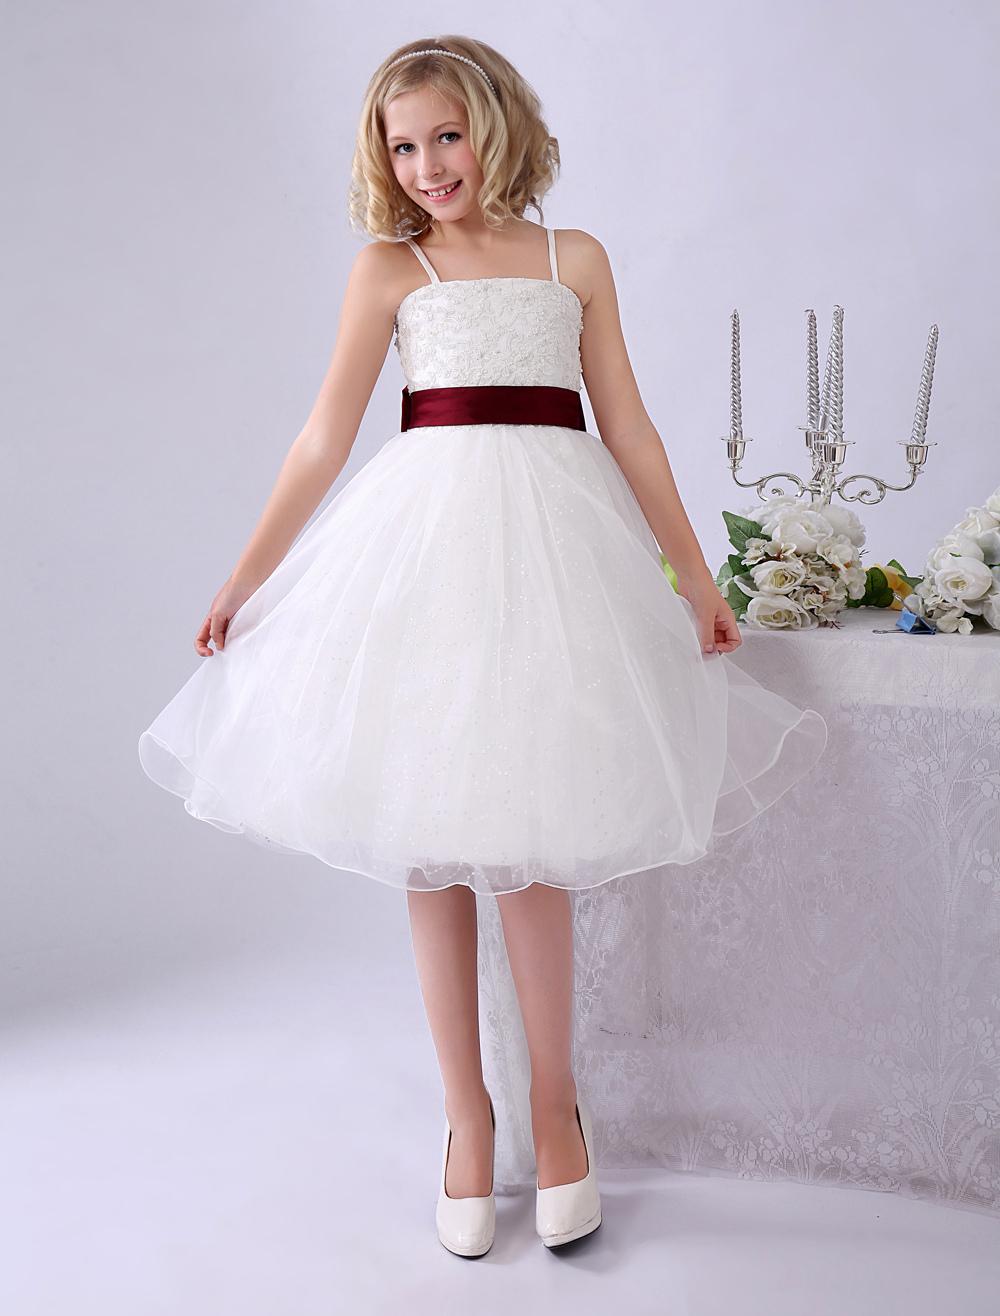 c8e0a97fc135 La tua scelta migliore di vestiti da cerimonia per ragazze